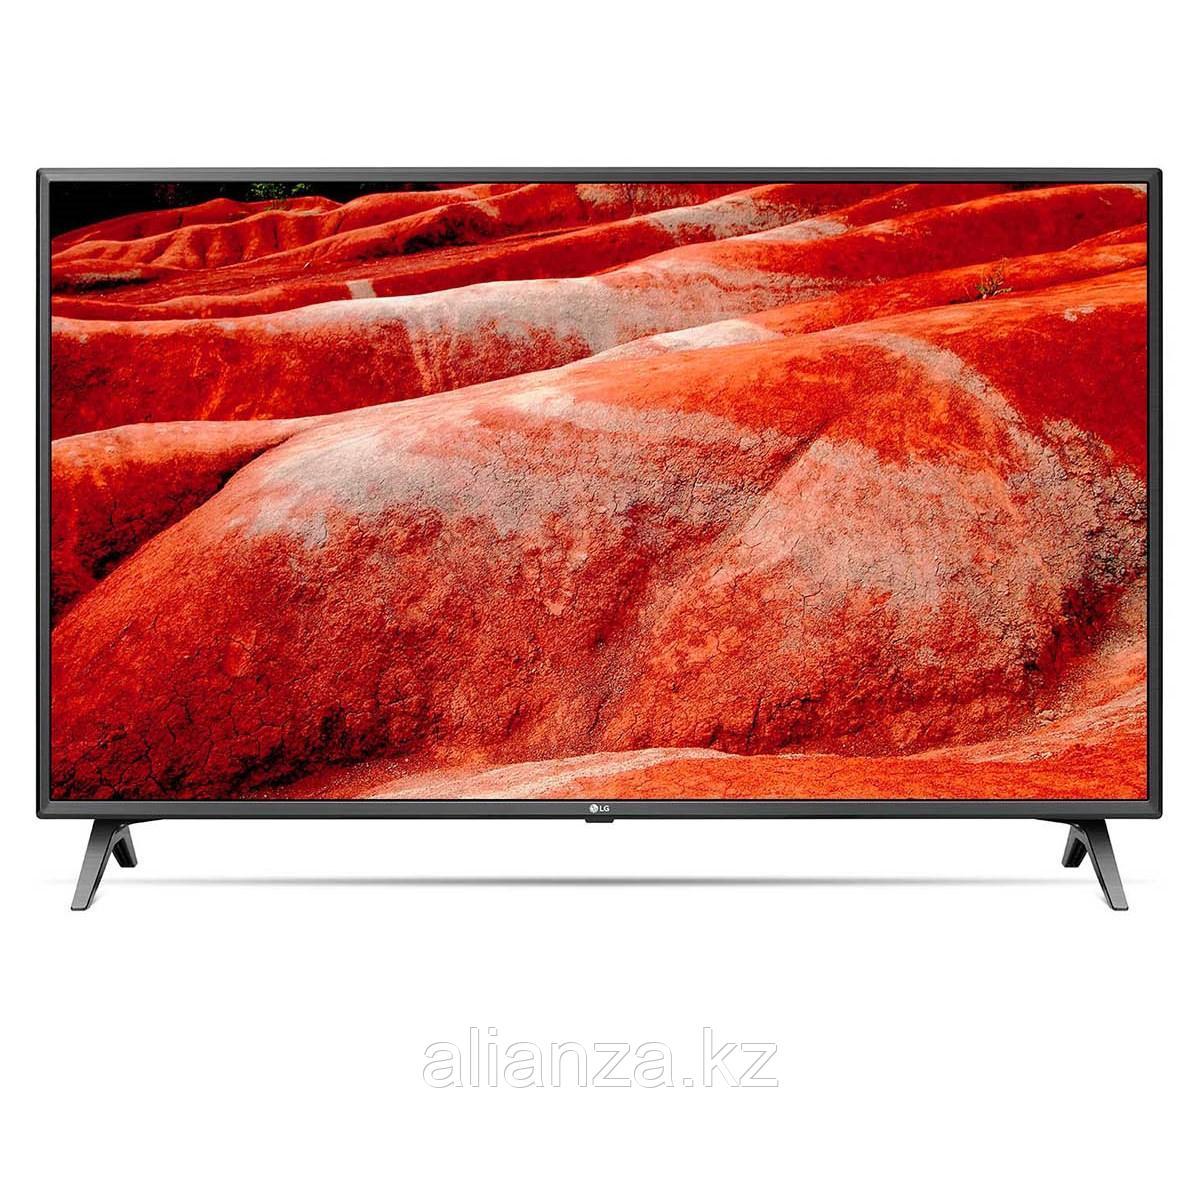 LED телевизор LG 50UM7500 - фото 1